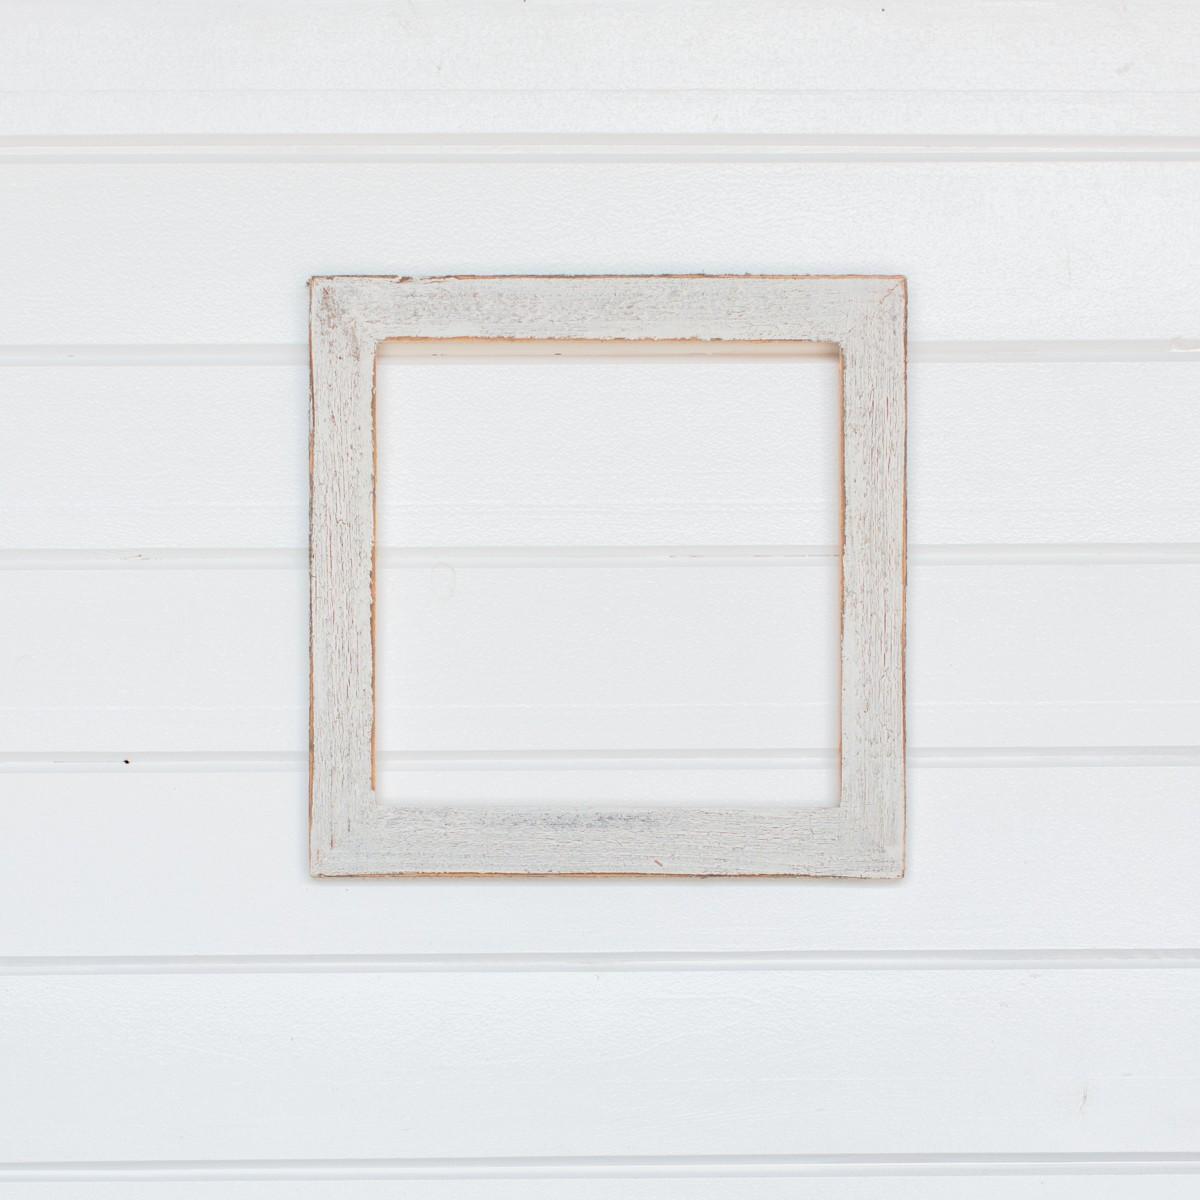 16x16 2 Painted Barnwood Frame White Wash Frames